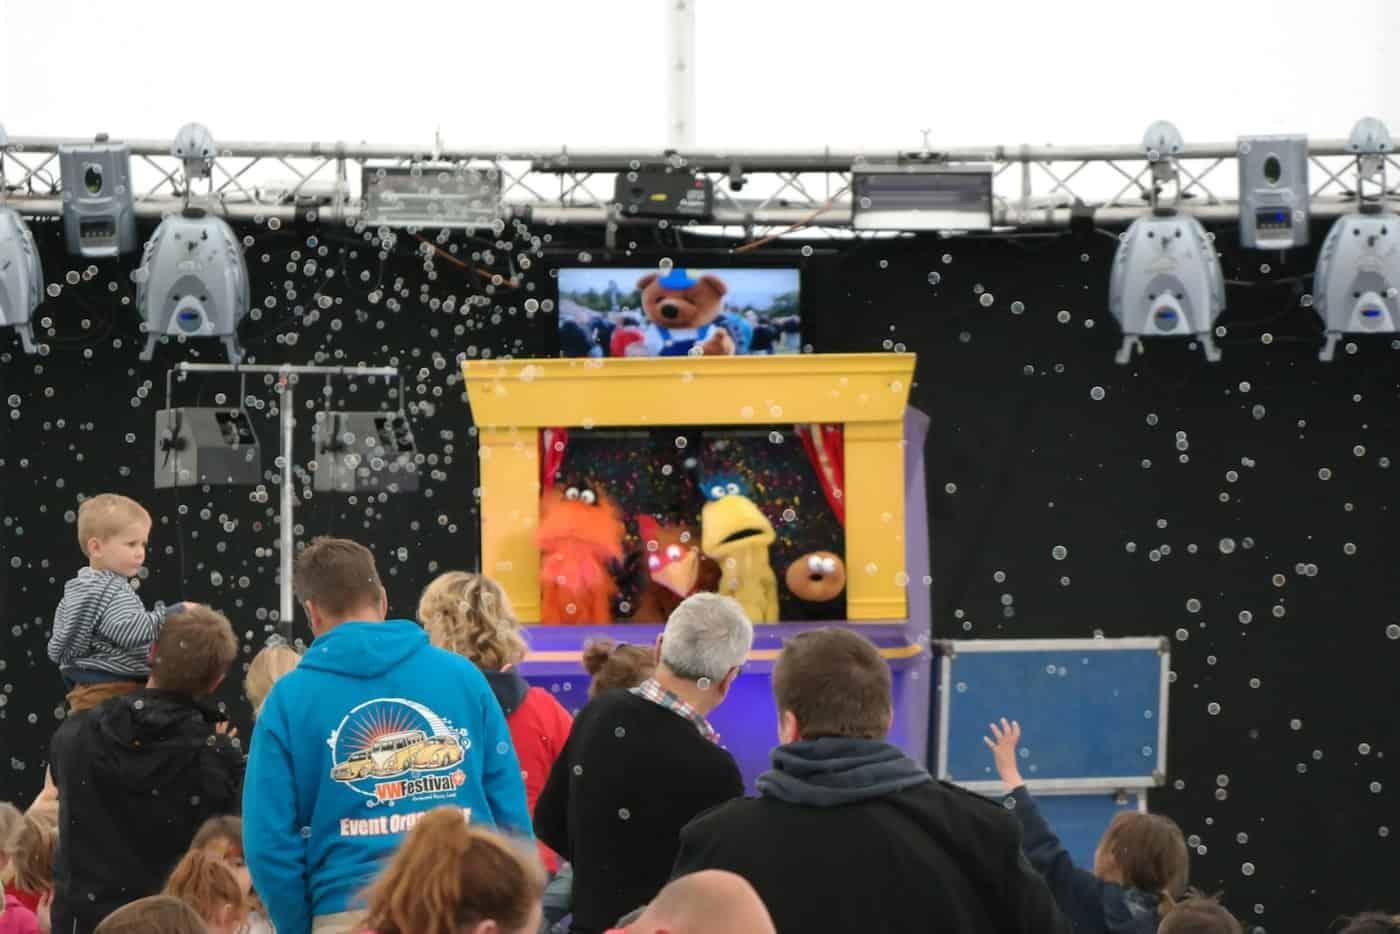 Children's entertainer Rotherham